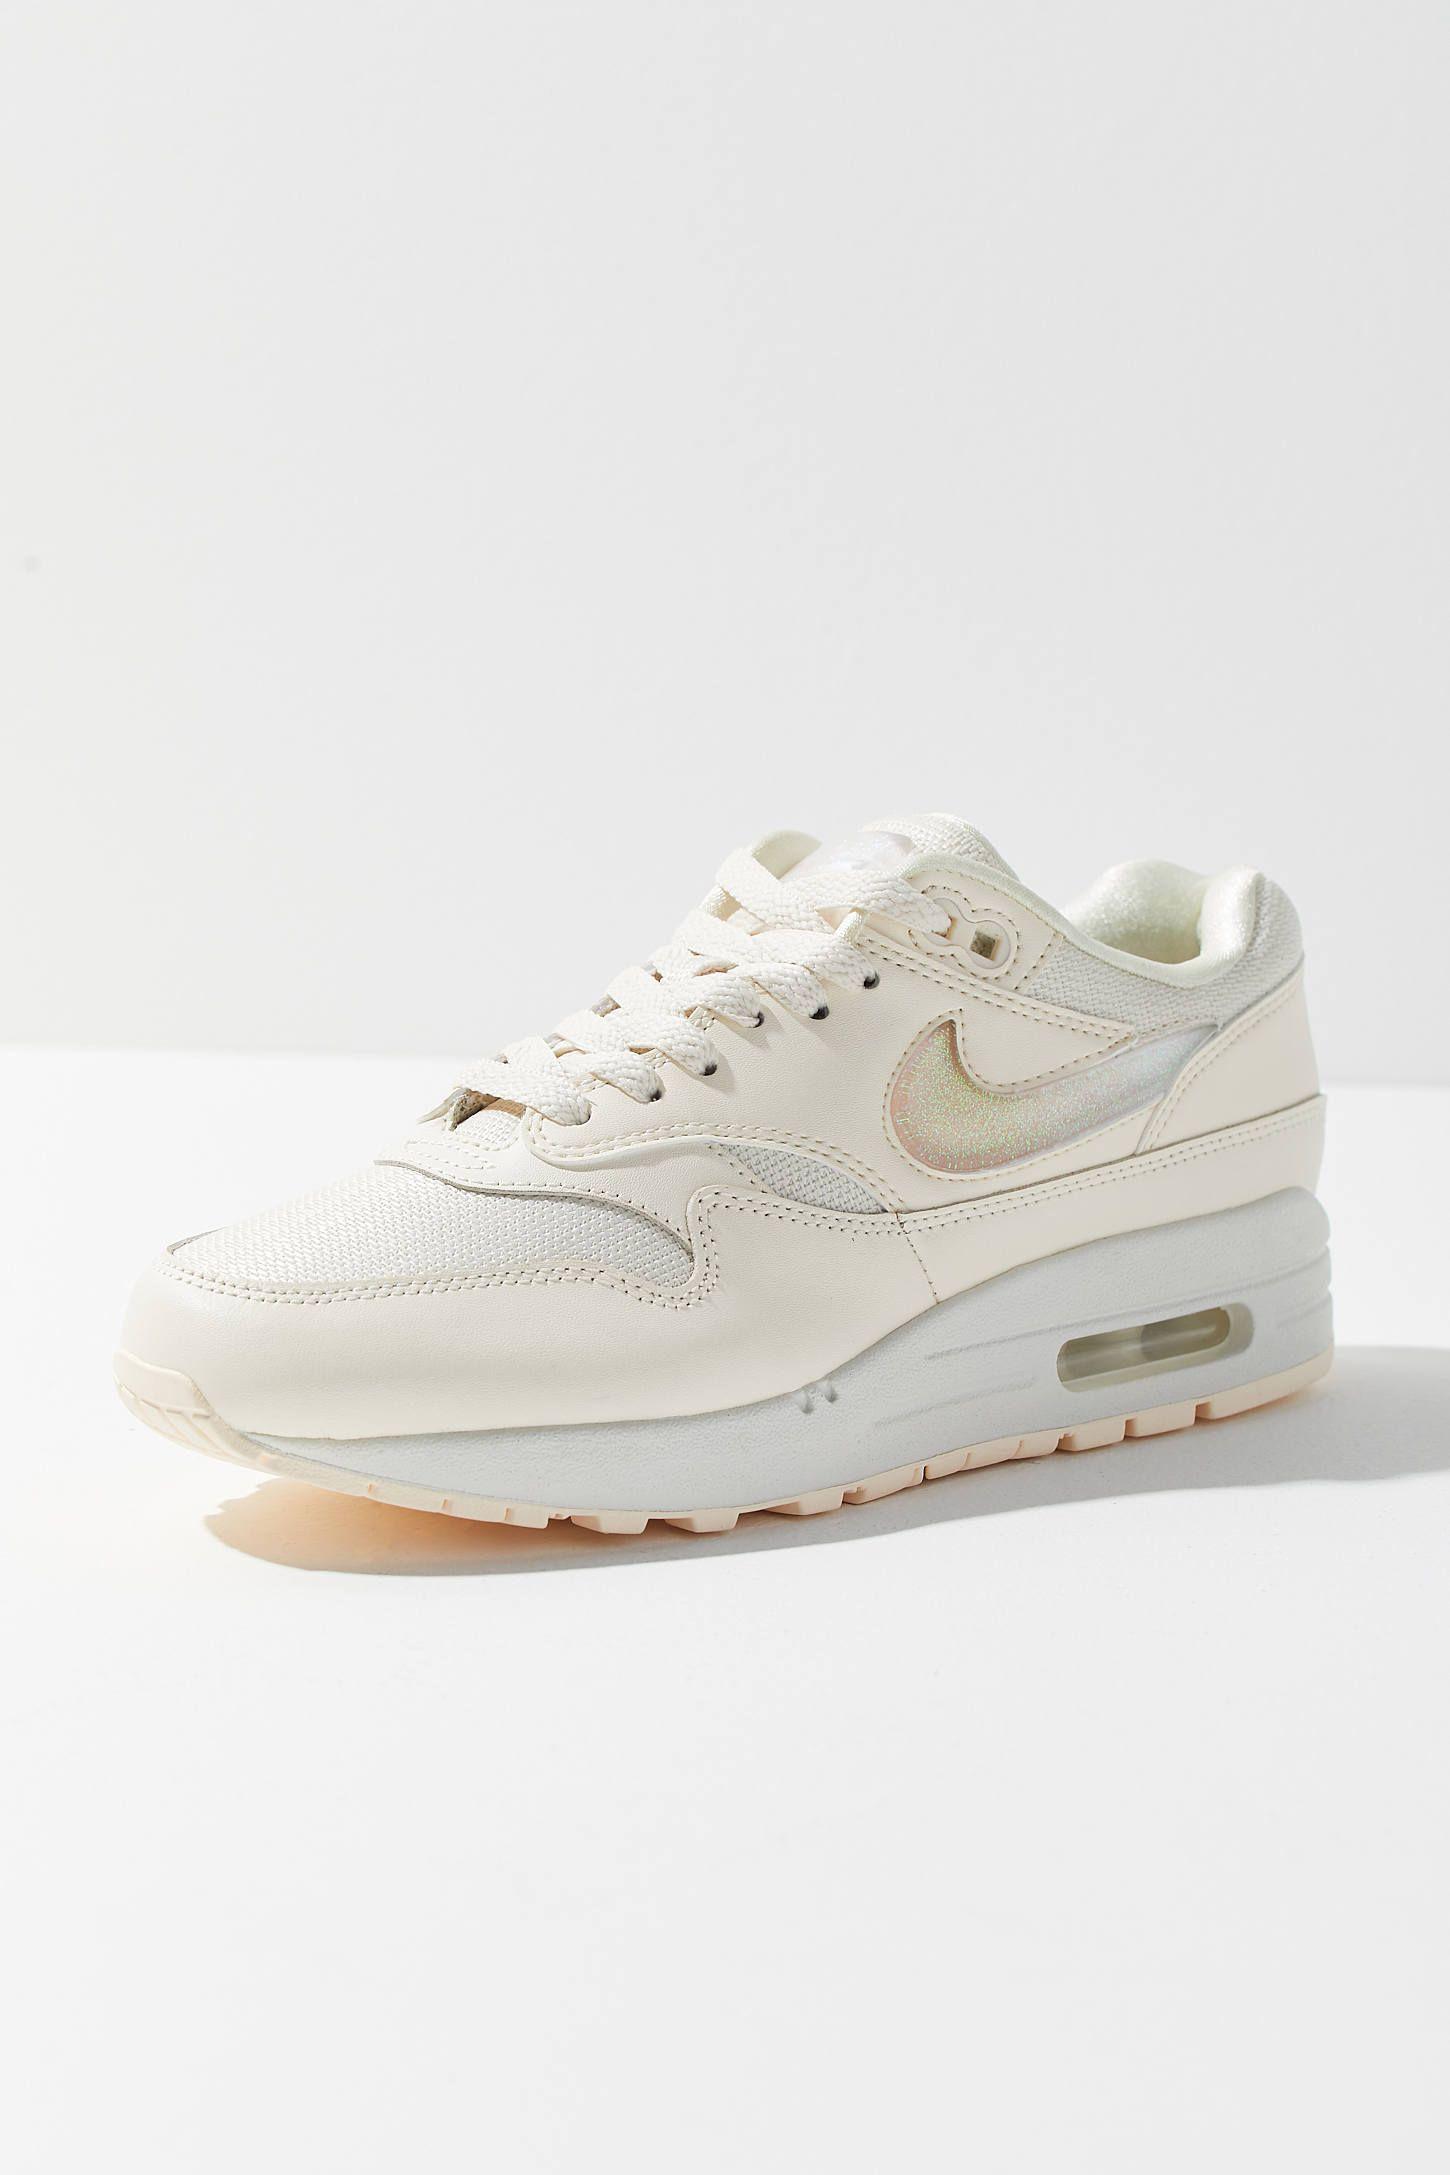 Nike Air Max 1 JP Sneaker | Urban